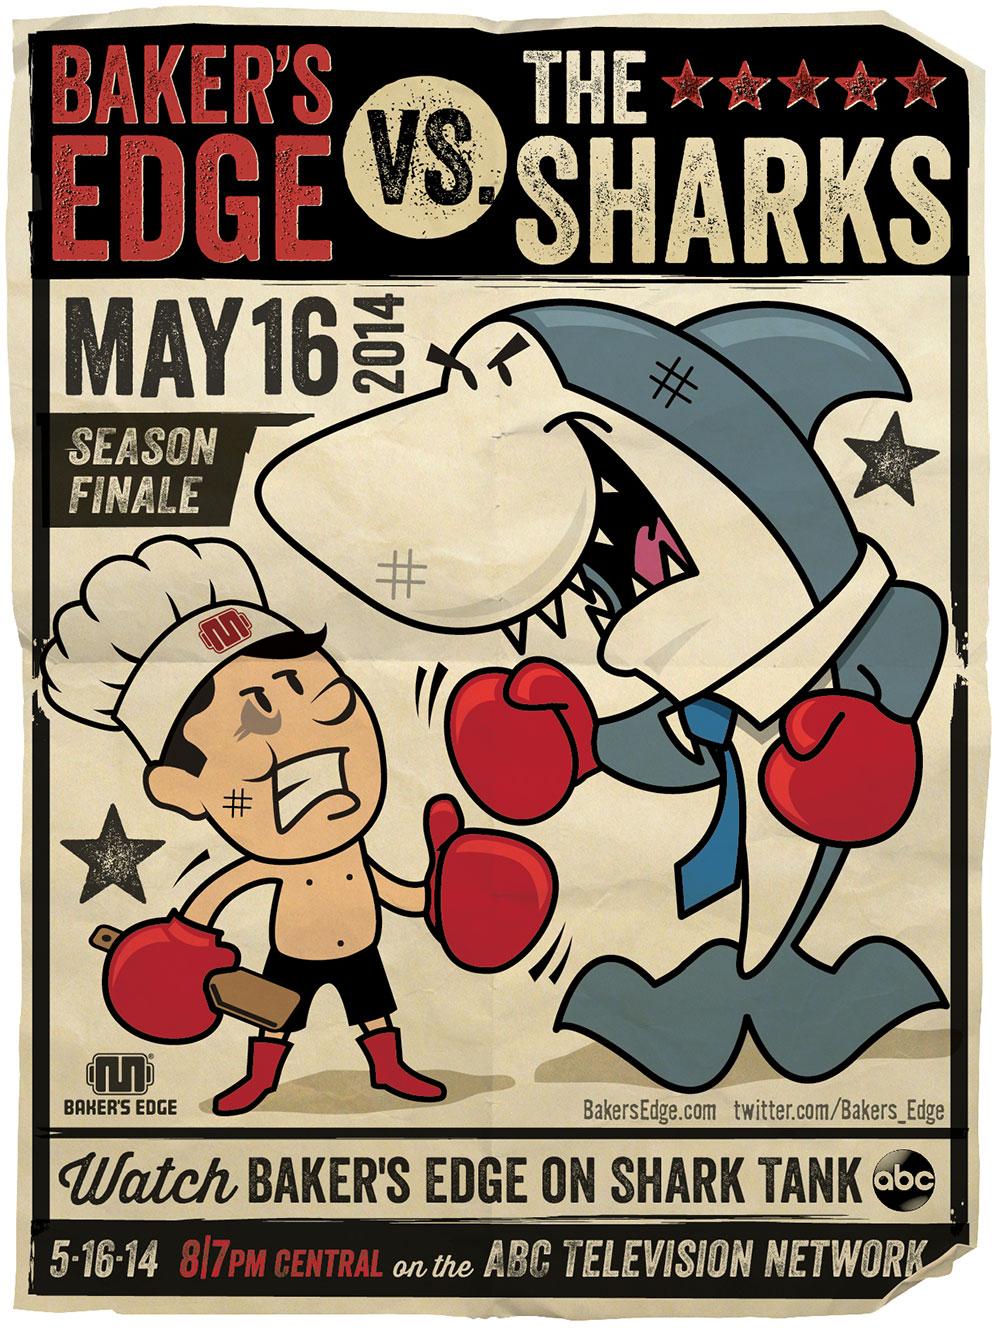 Bakers Edge Poster Illustration